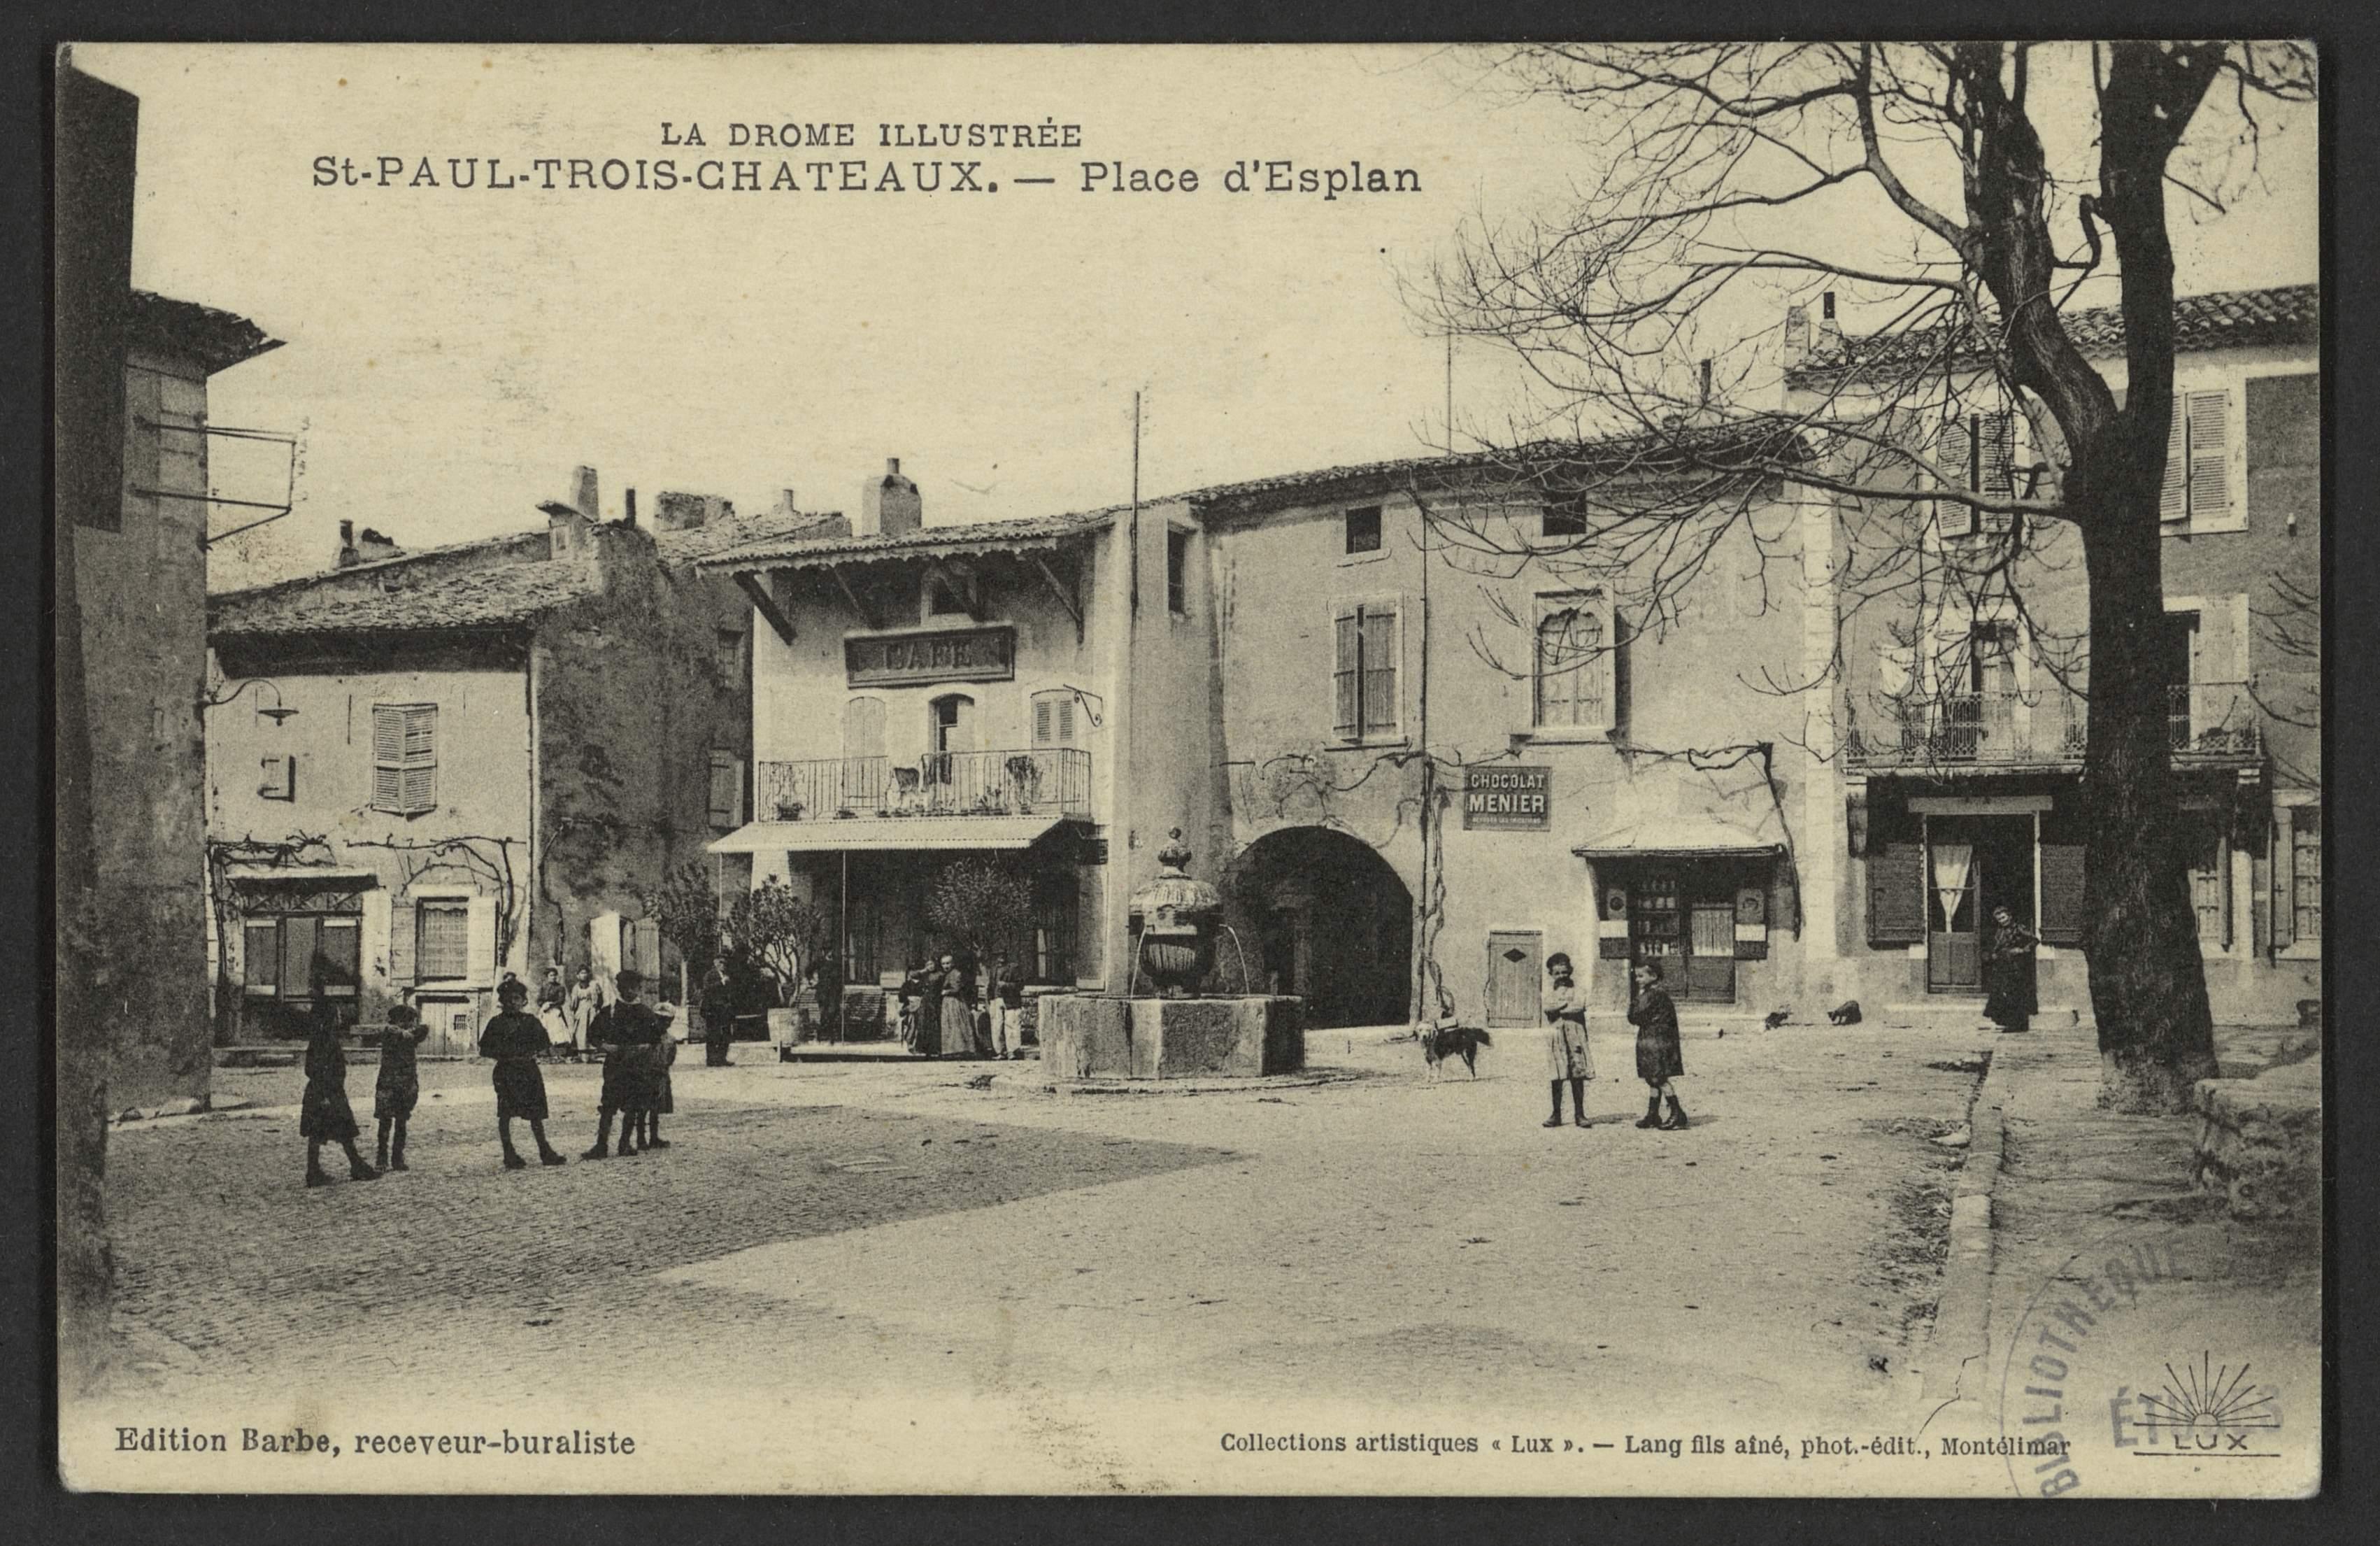 St-Paul-Trois-Châteaux. - Place d'Esplan